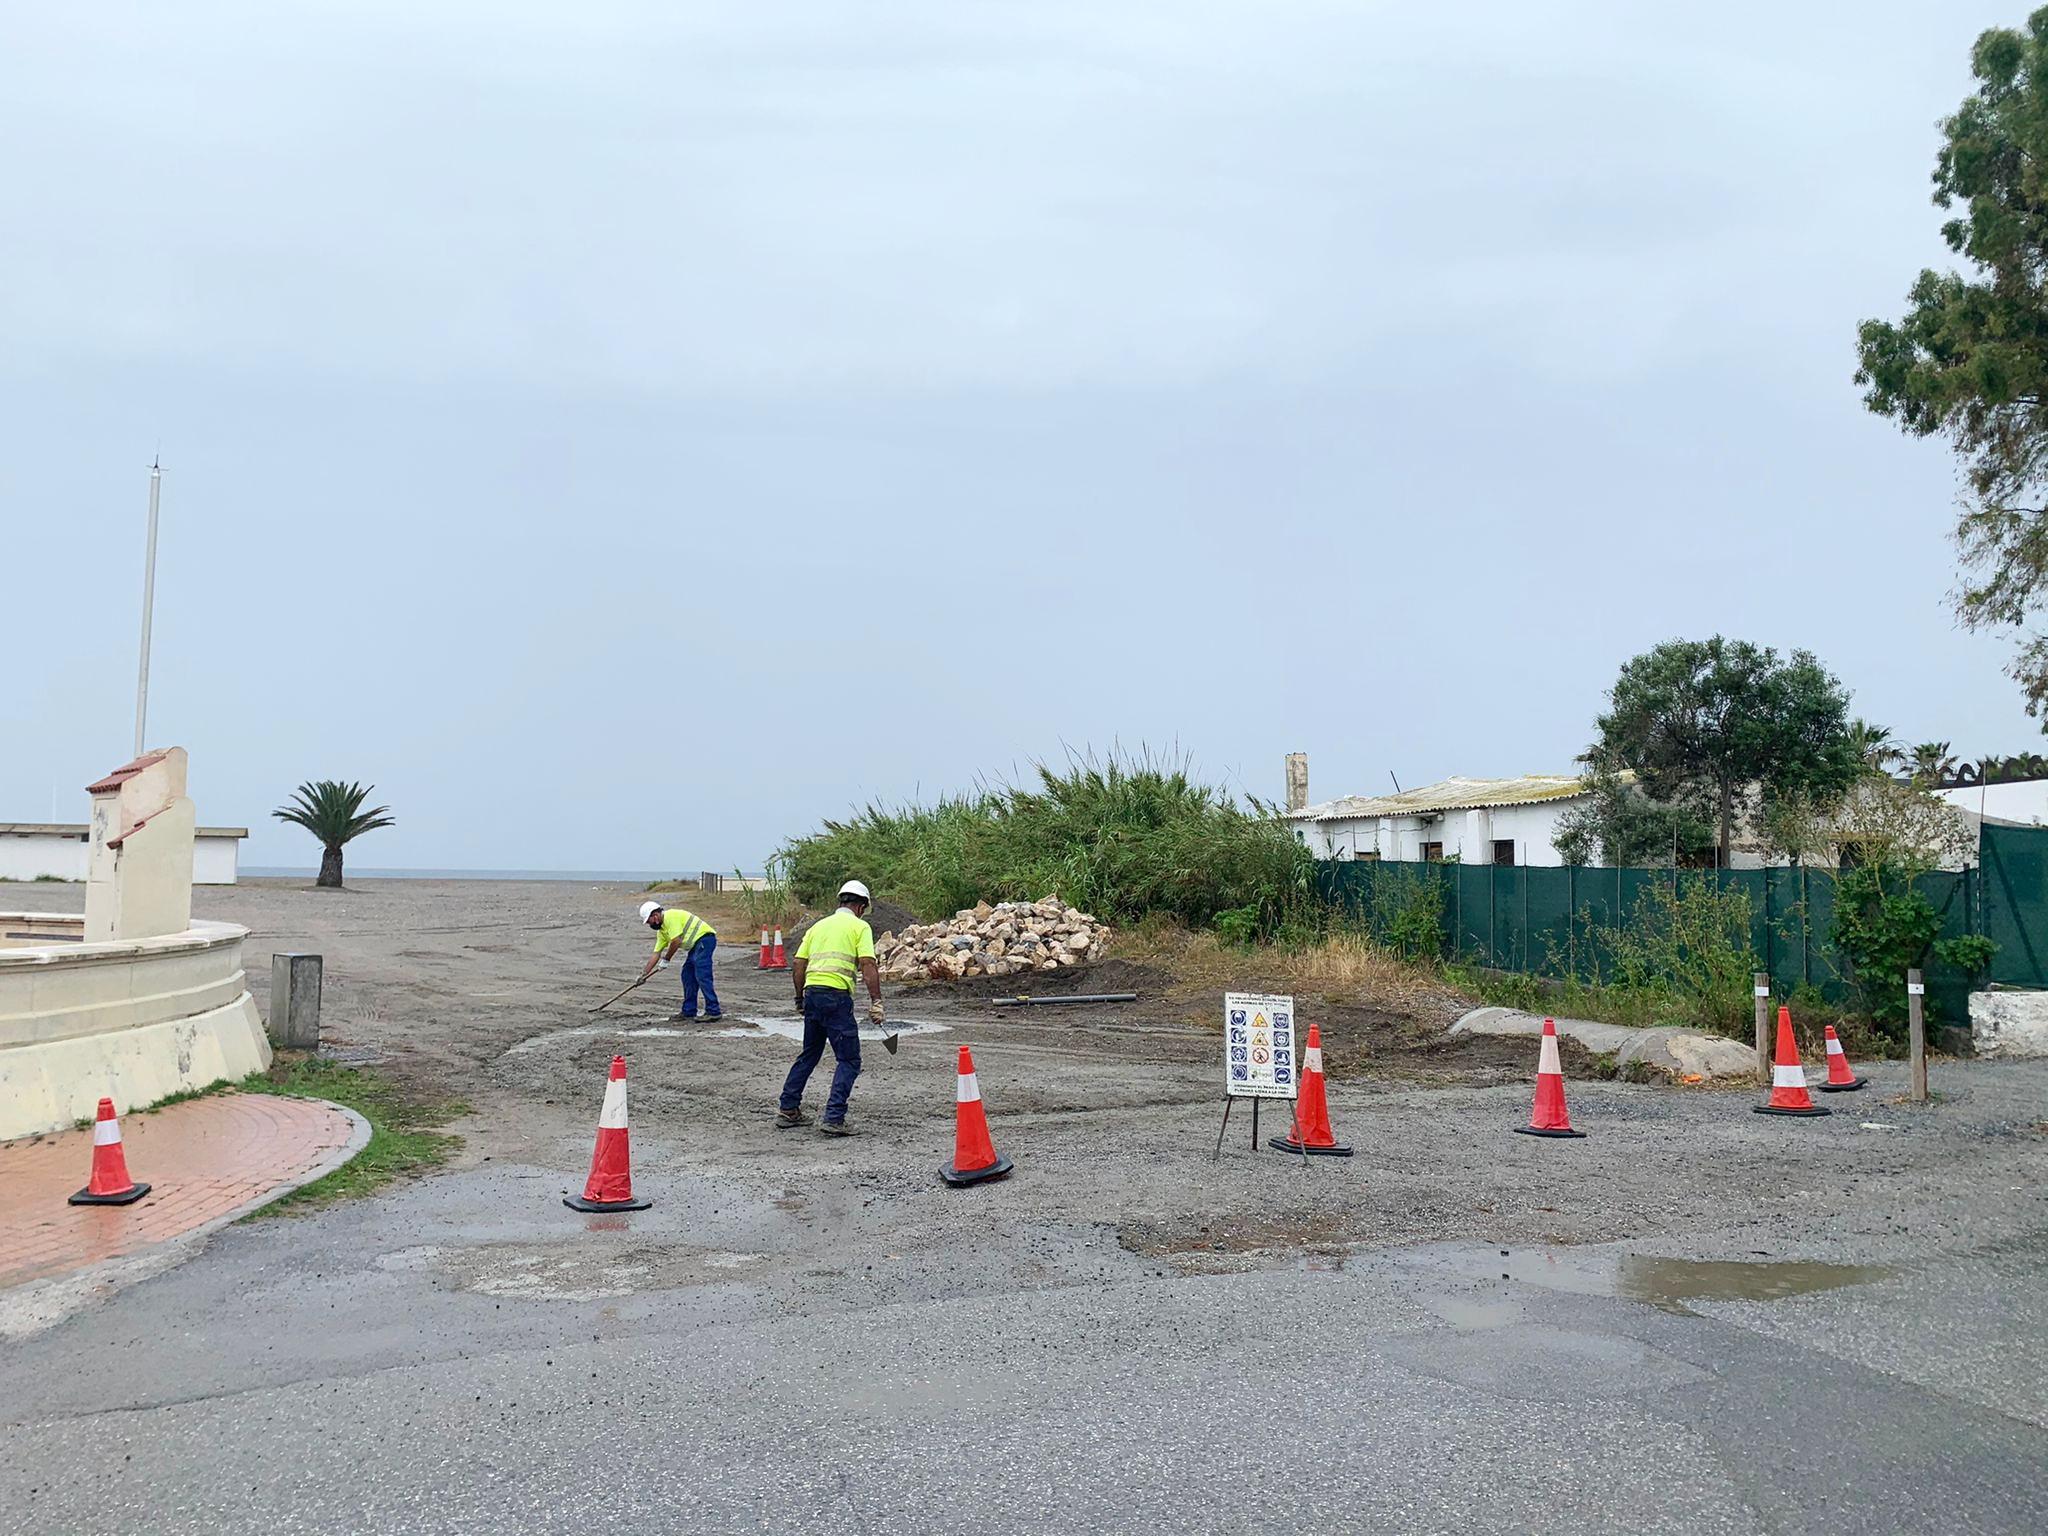 Empresarios de las playas de Granada piden una solución urgente al cierre rodado de las playas de Poniente y El Cable en Motril